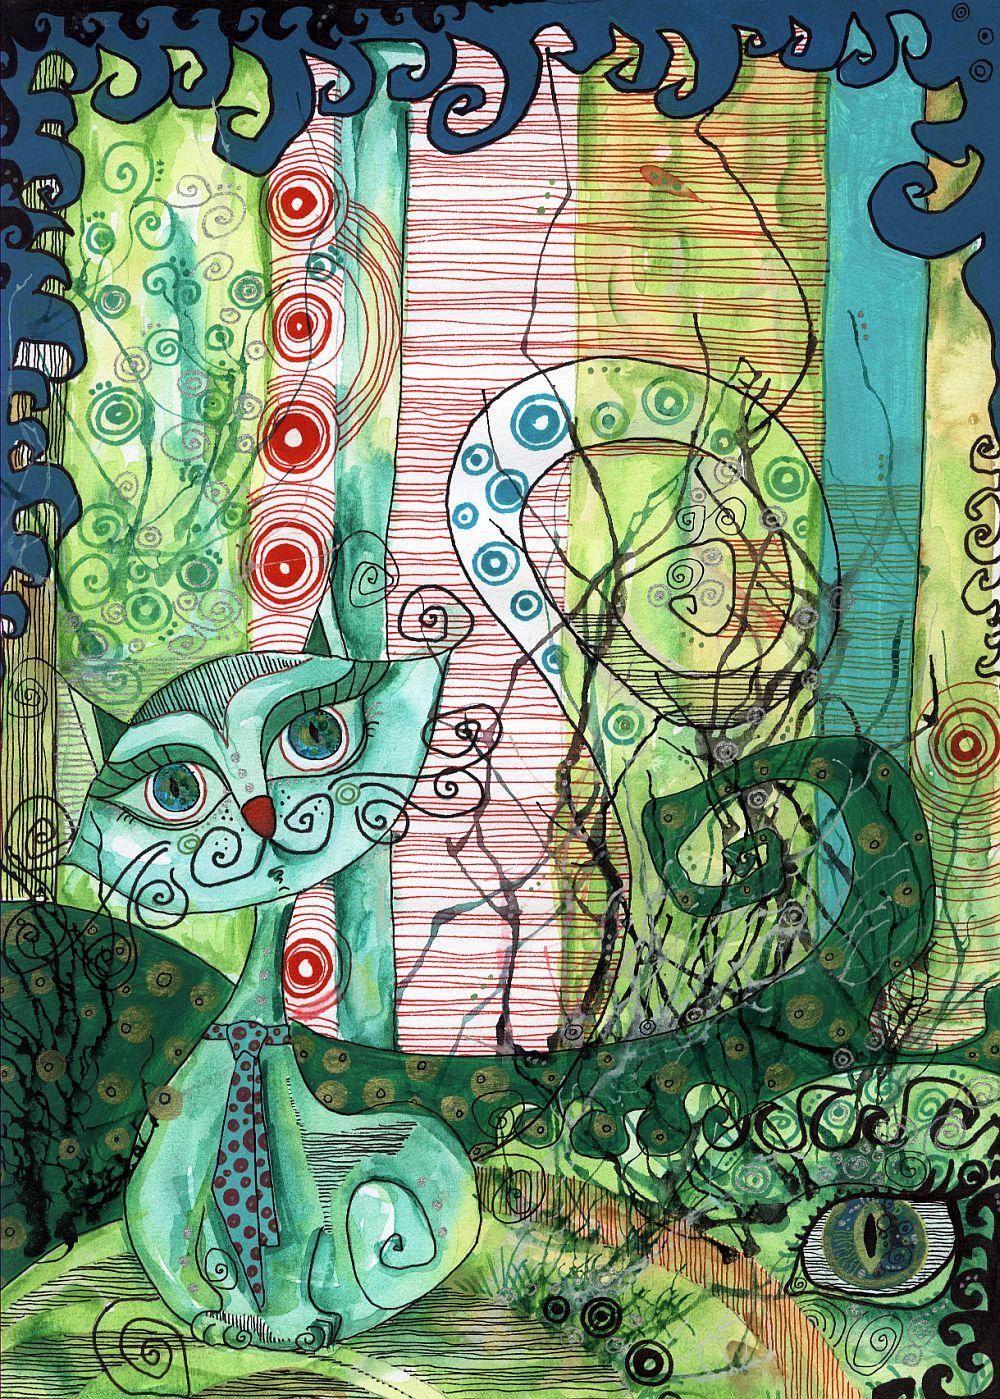 adelaparvu.com despre O povEstetica, expozitie la Pallets, artist Alina Borcea, lucrare Cat with tie